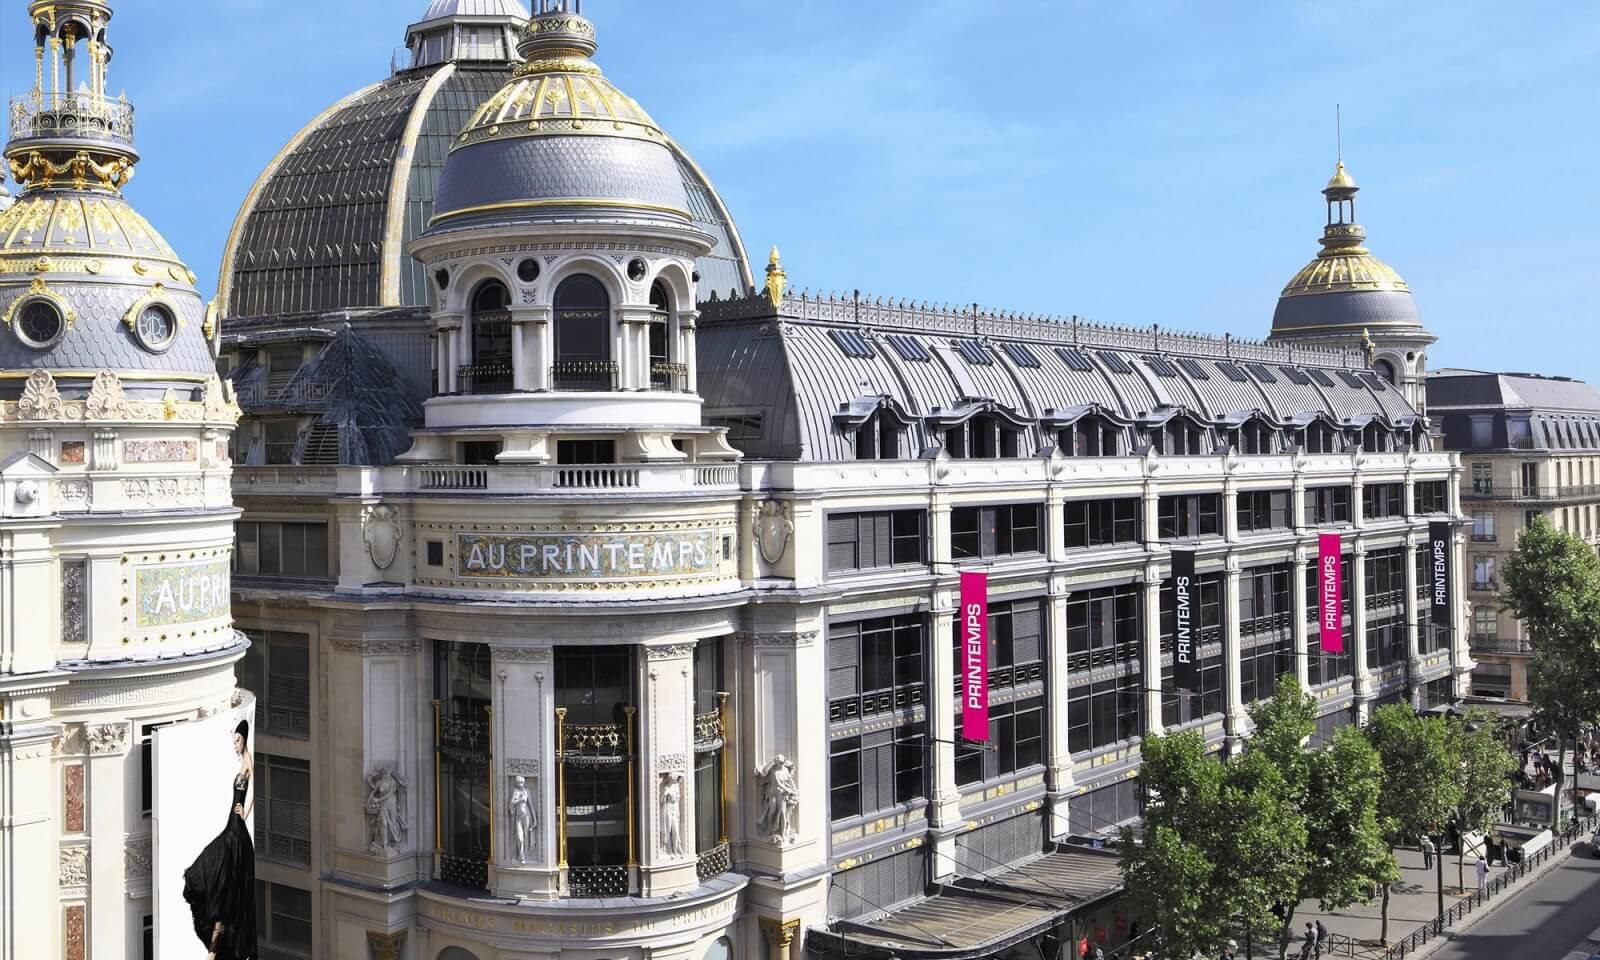 Visitez le corner Trilobe au Printemps Haussmann à Paris